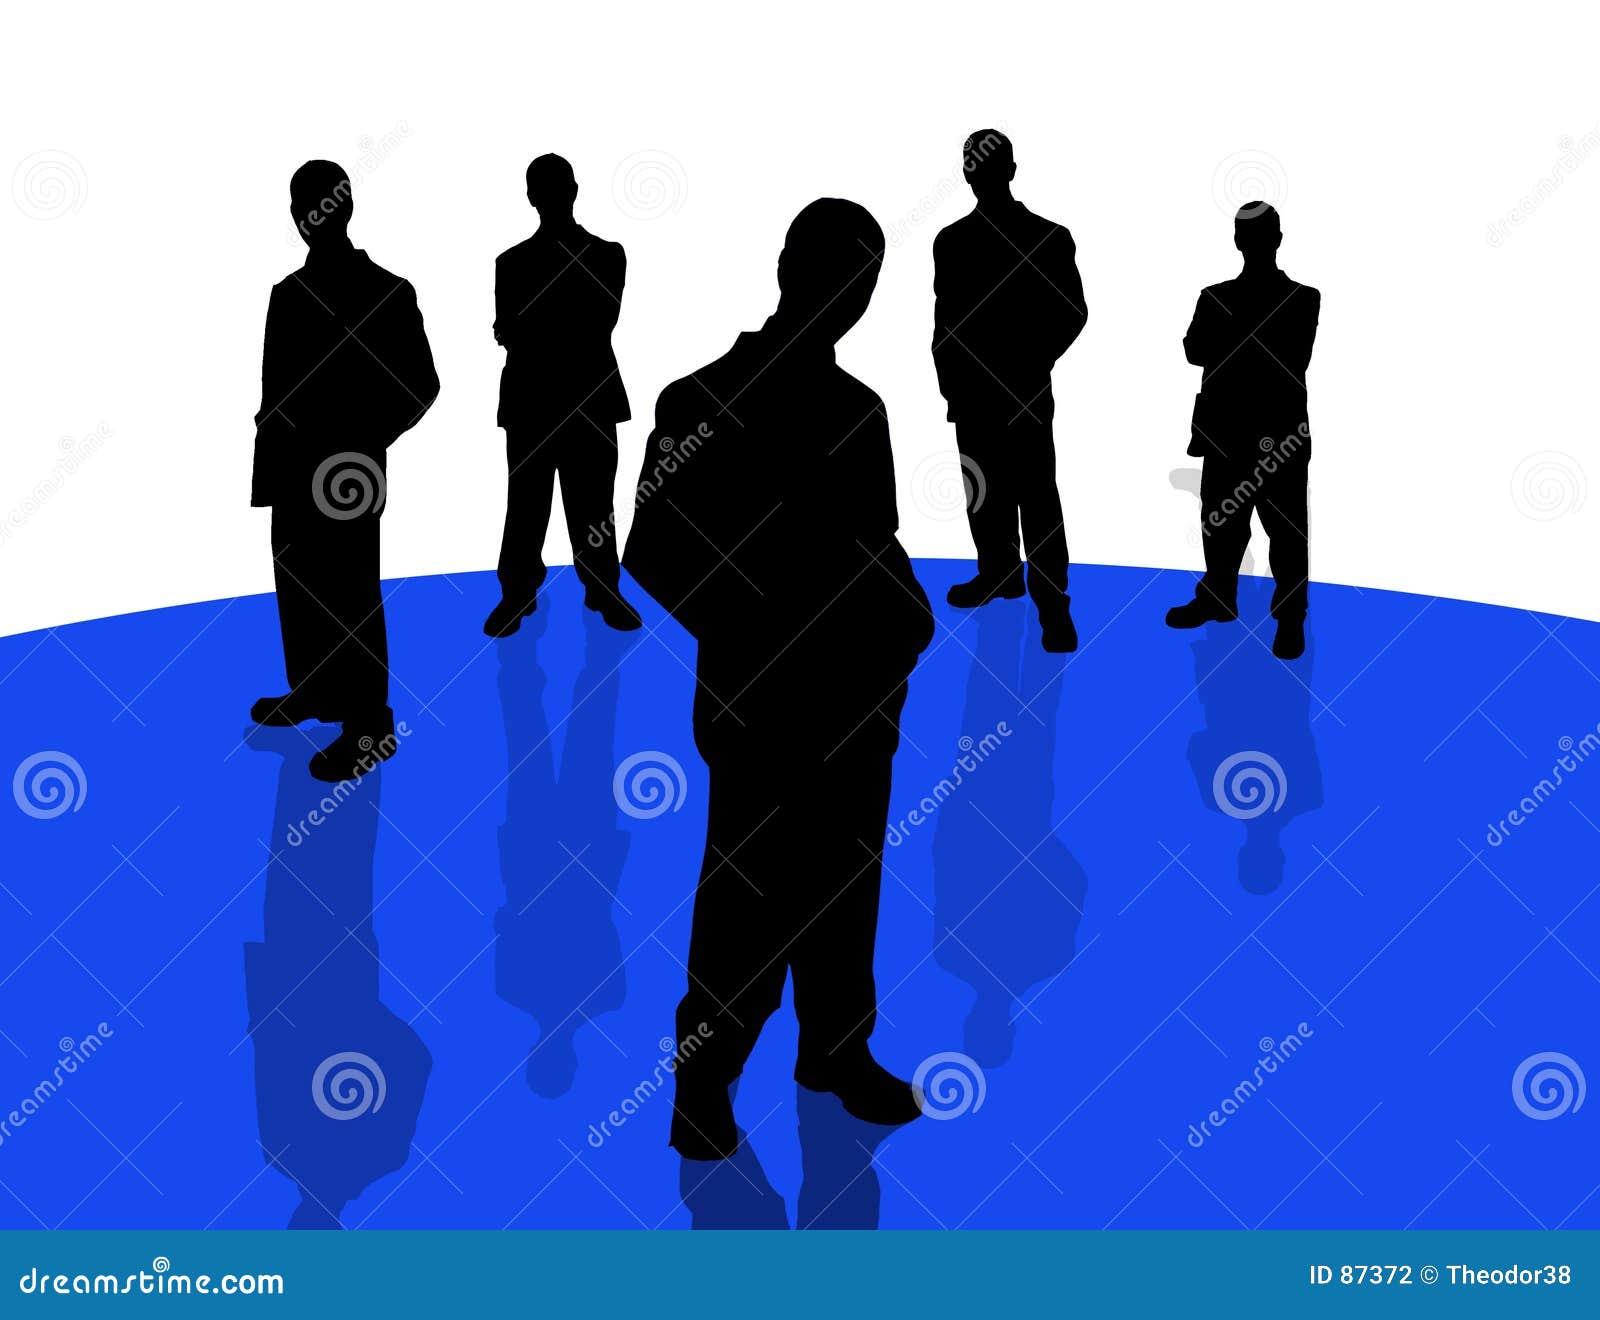 4 pomocniczy przedsiębiorców